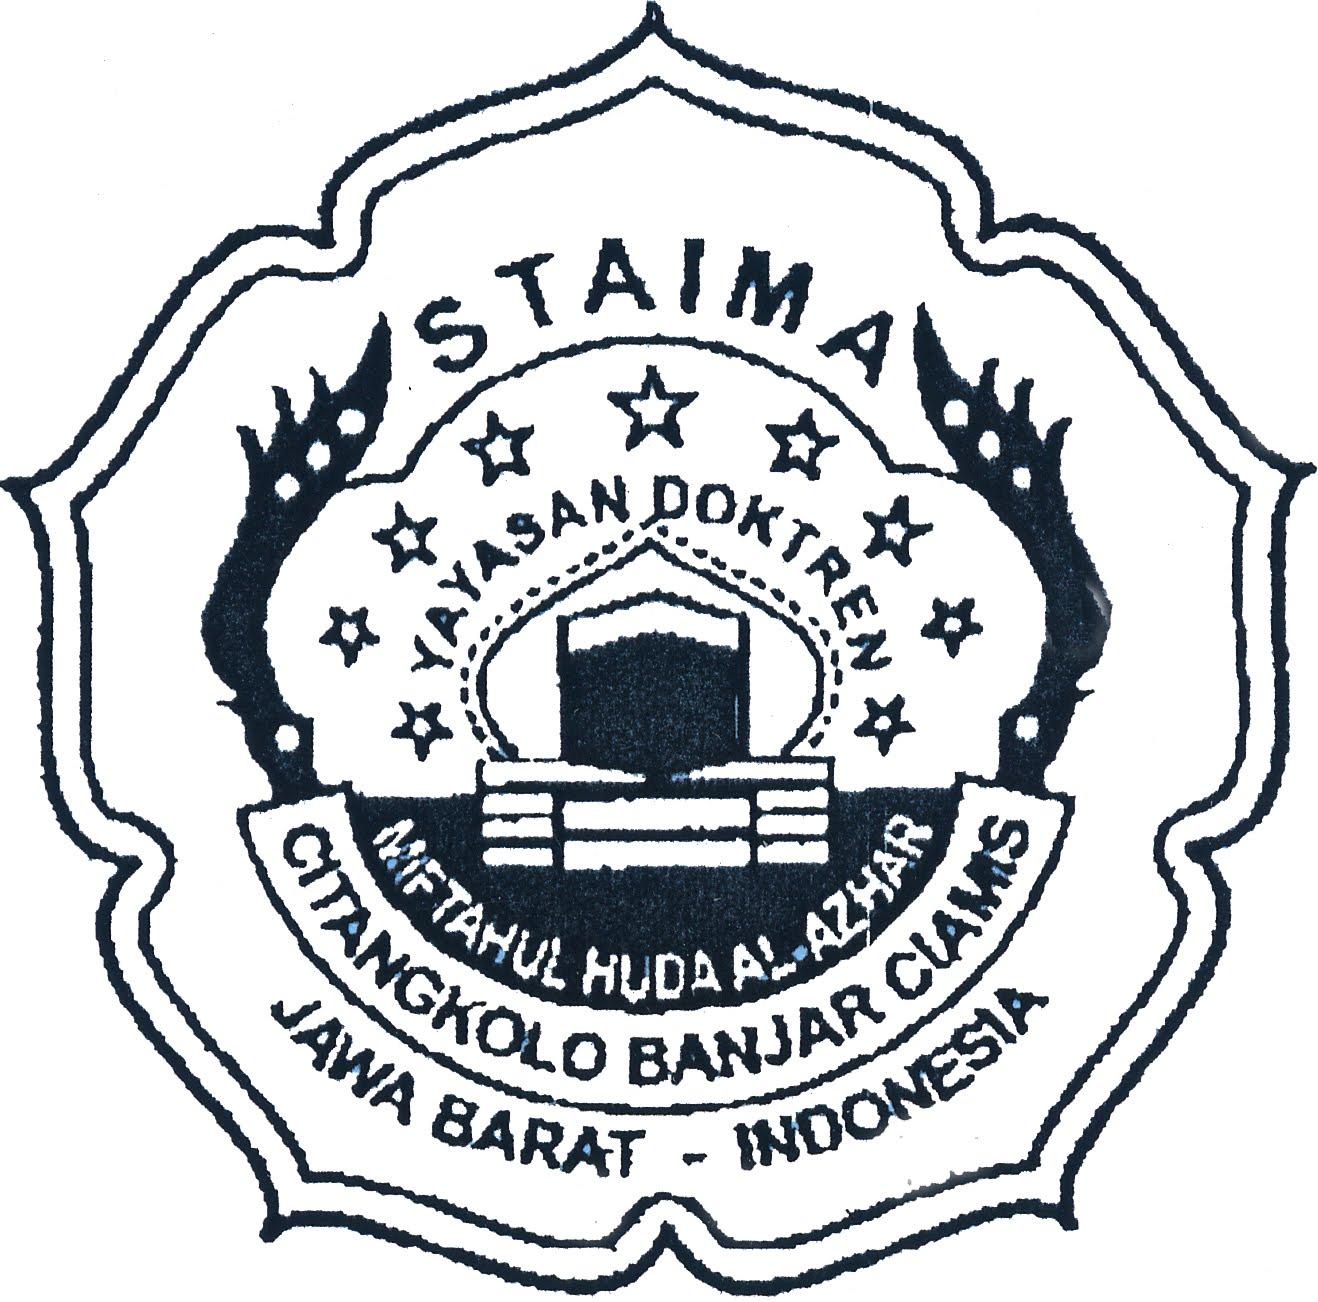 Kumpulan Logo-logo Di Tasikmalaya, Ciamis Dan Banjar